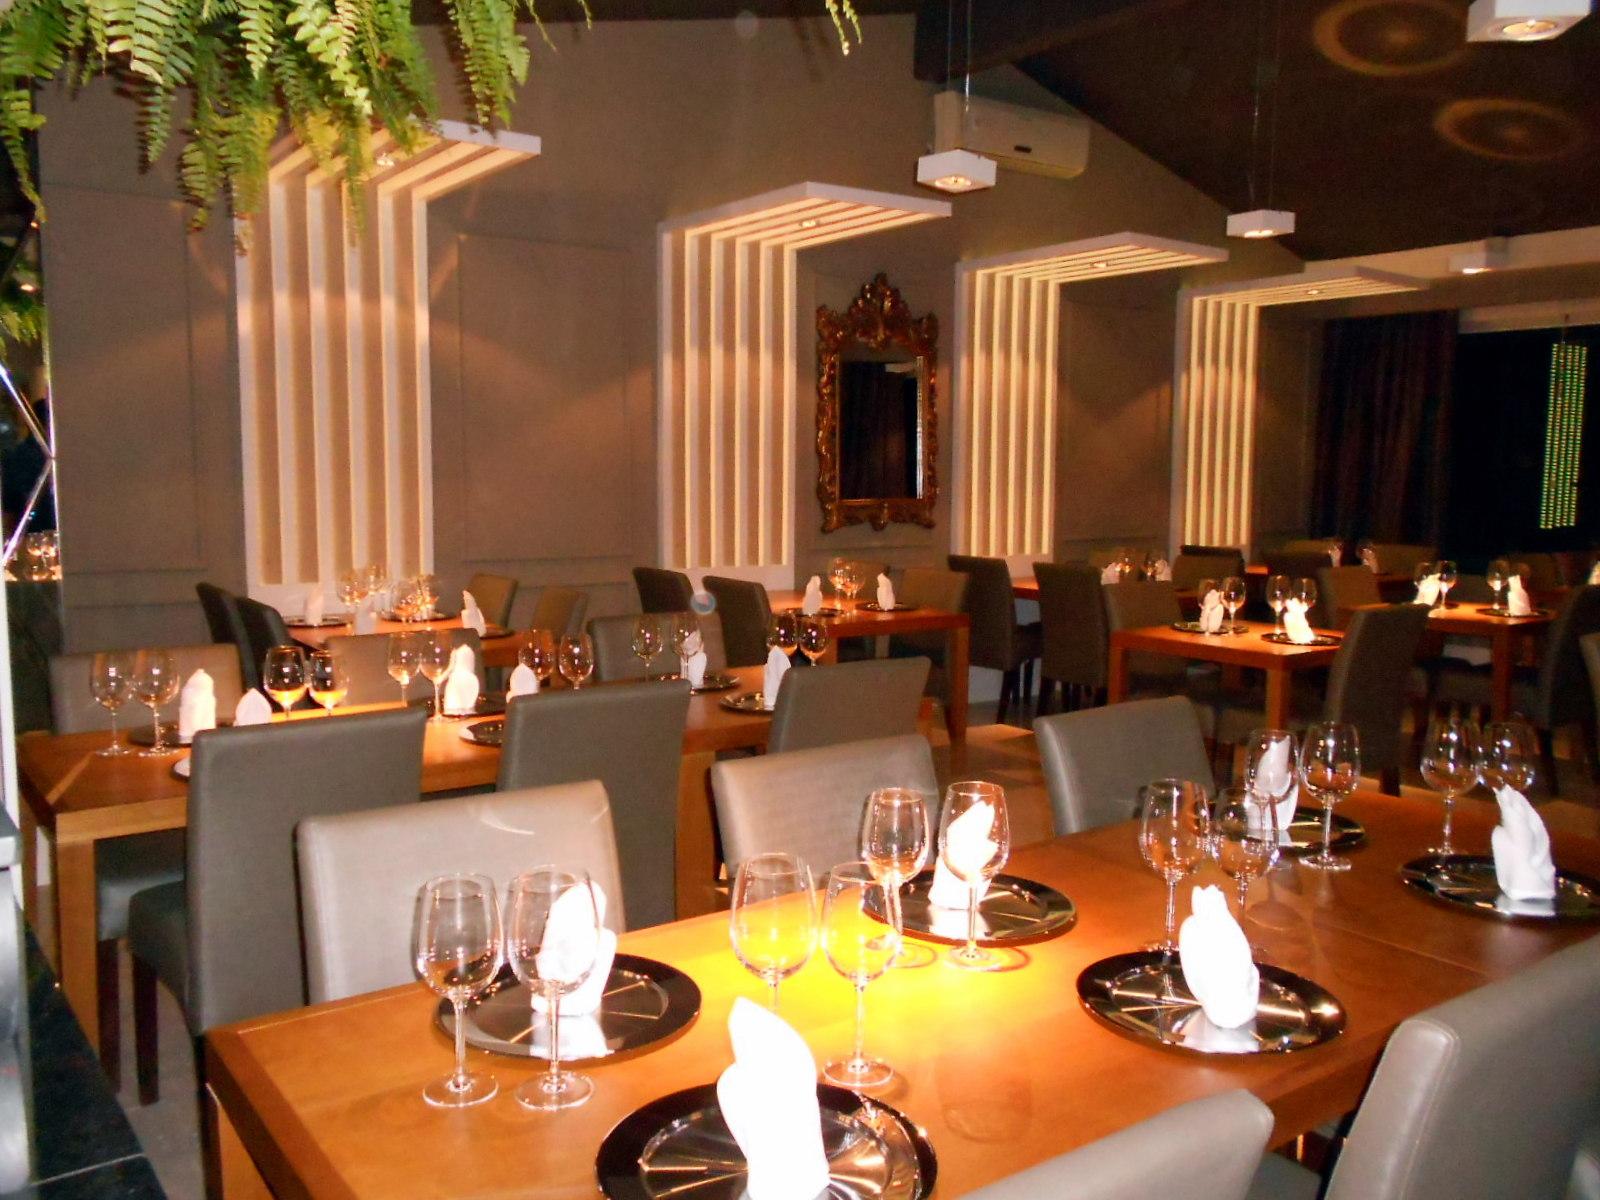 #C6A805 Projeto do Floriano Spiess Cozinha de Autor privilegia cores claras  1600x1200 px Projetos Cozinha Restaurante_5101 Imagens